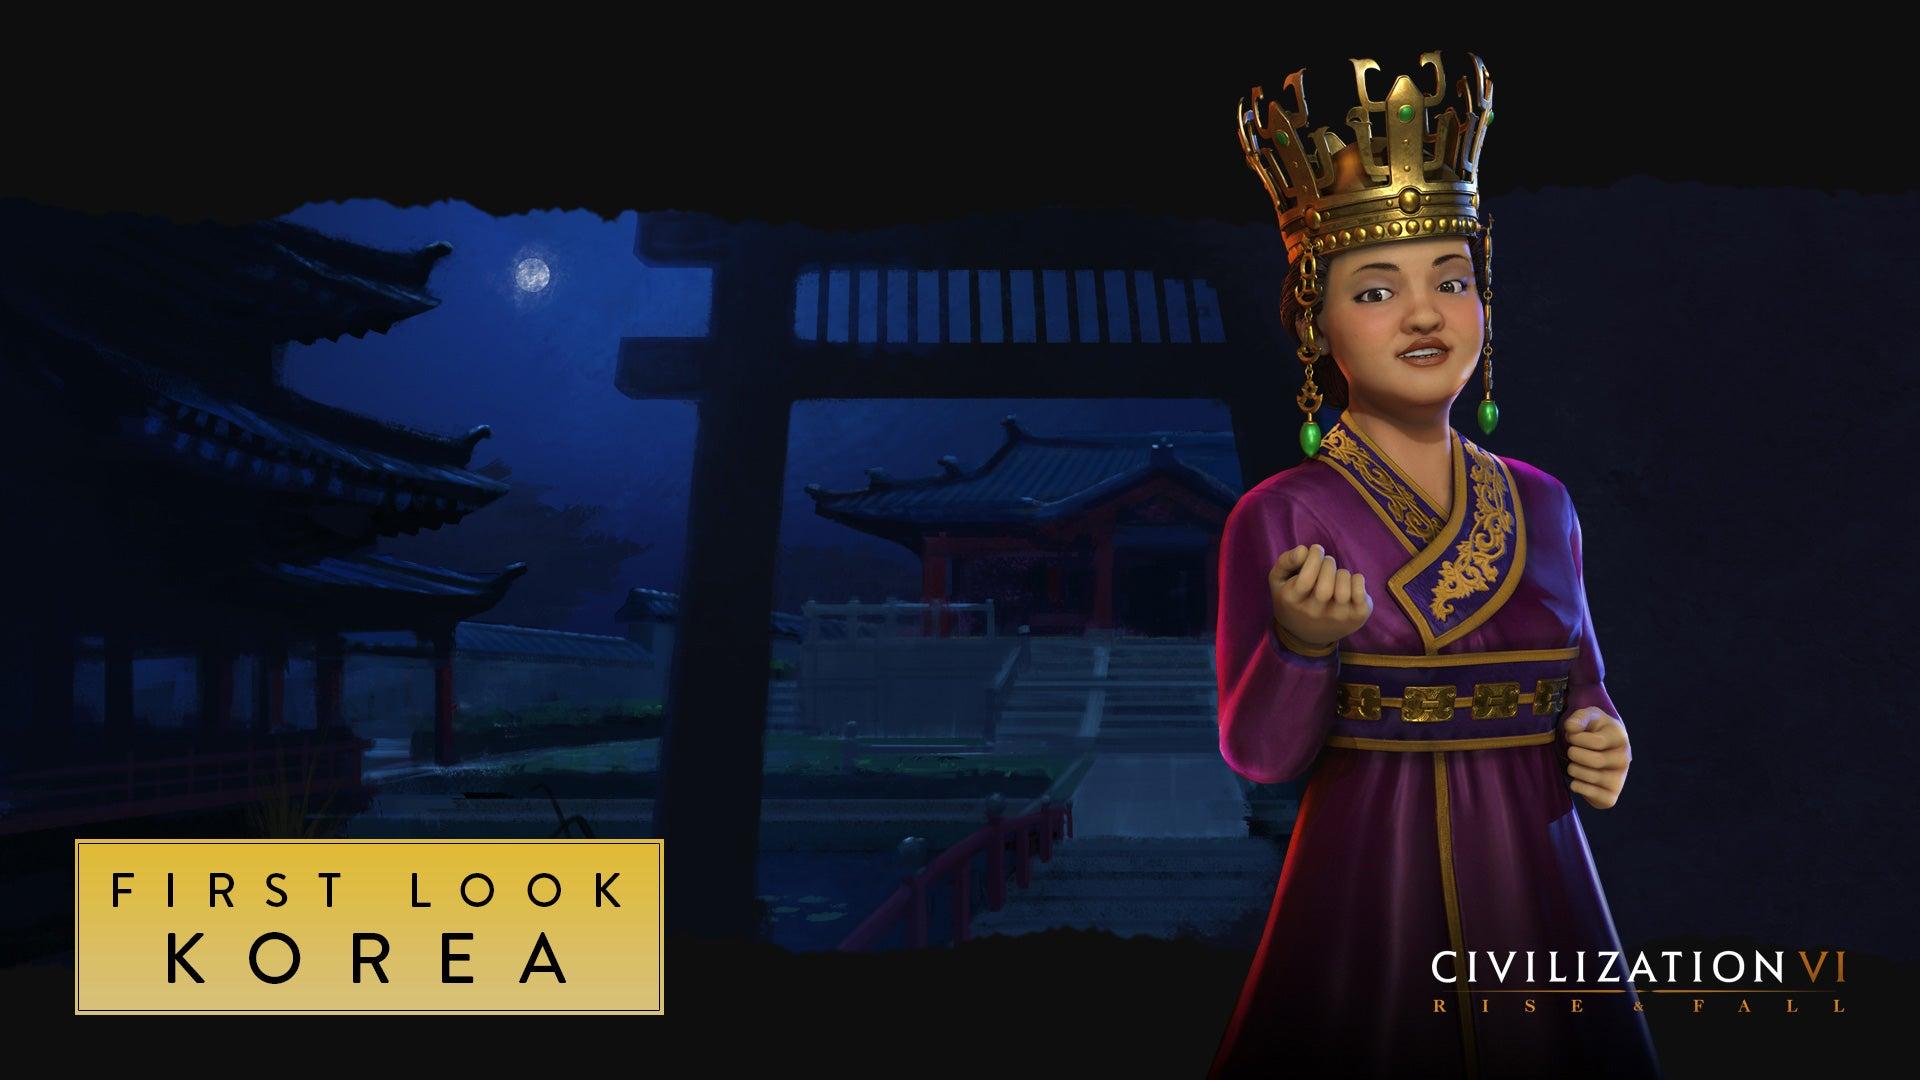 Civ-VI-Korea-FirstLook